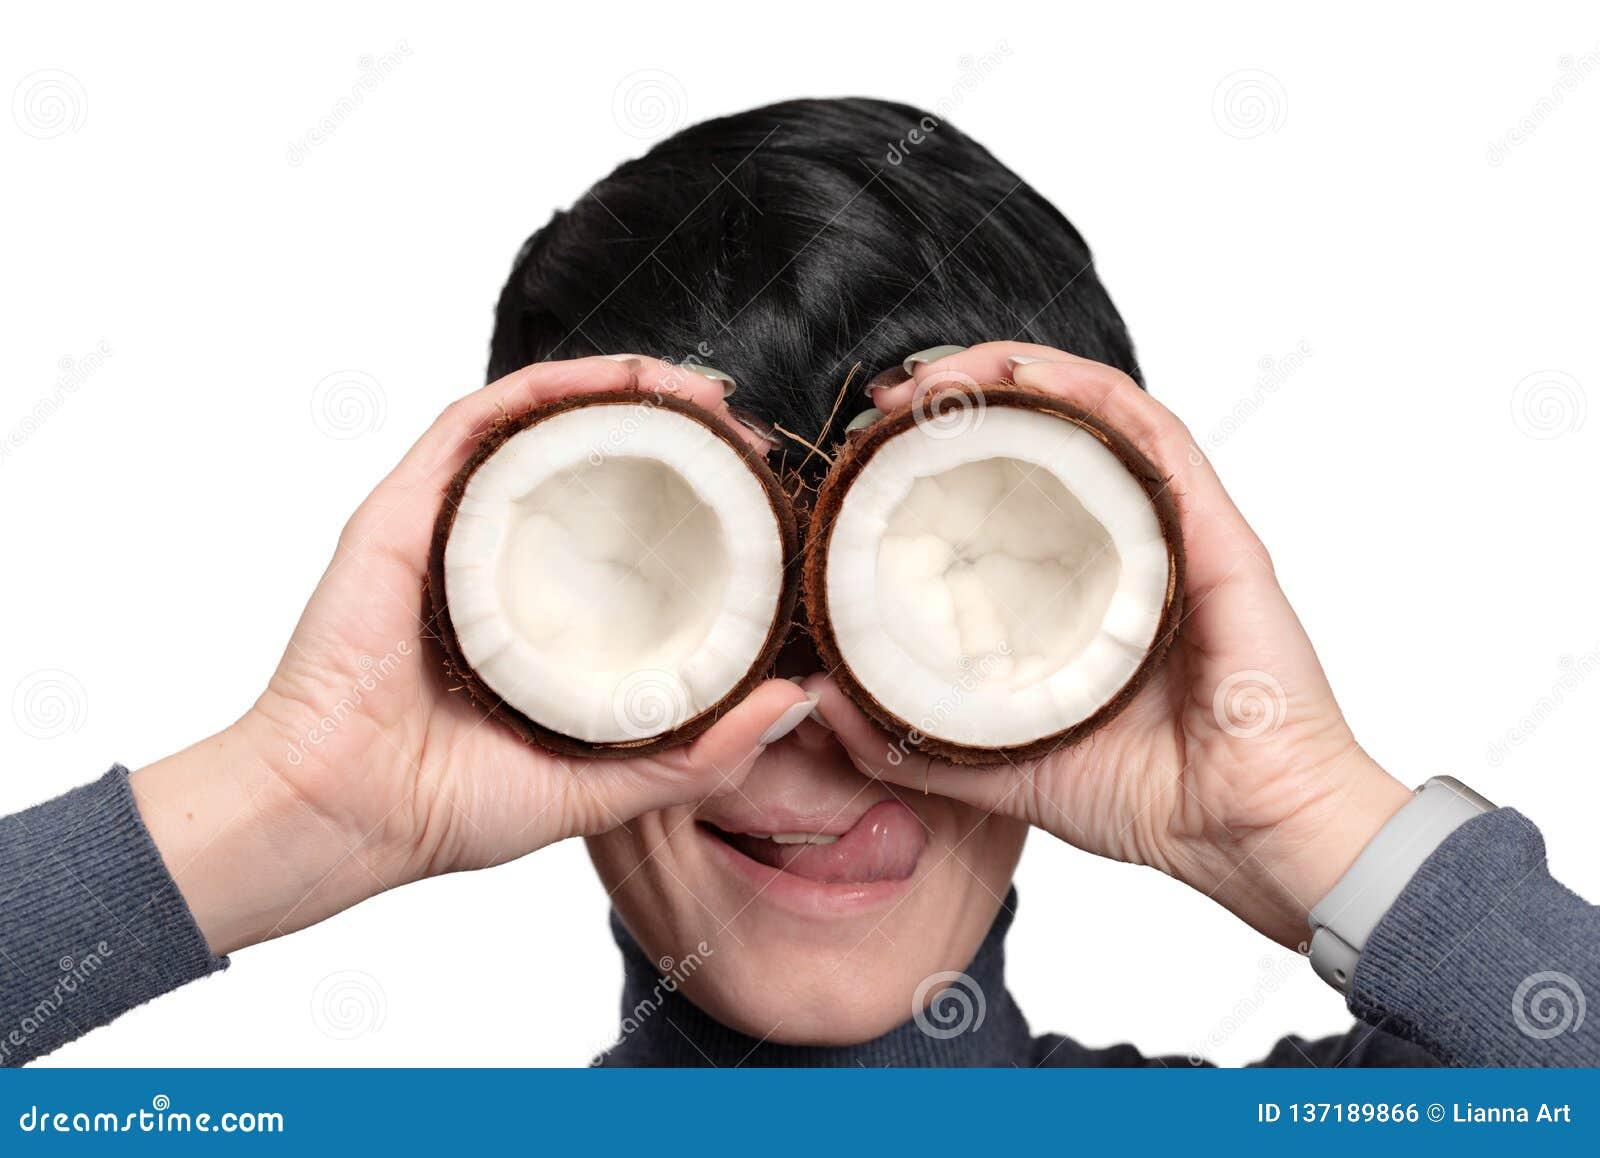 Jonge vrouw die de twee helft van kokosnoot voor ogen houdt